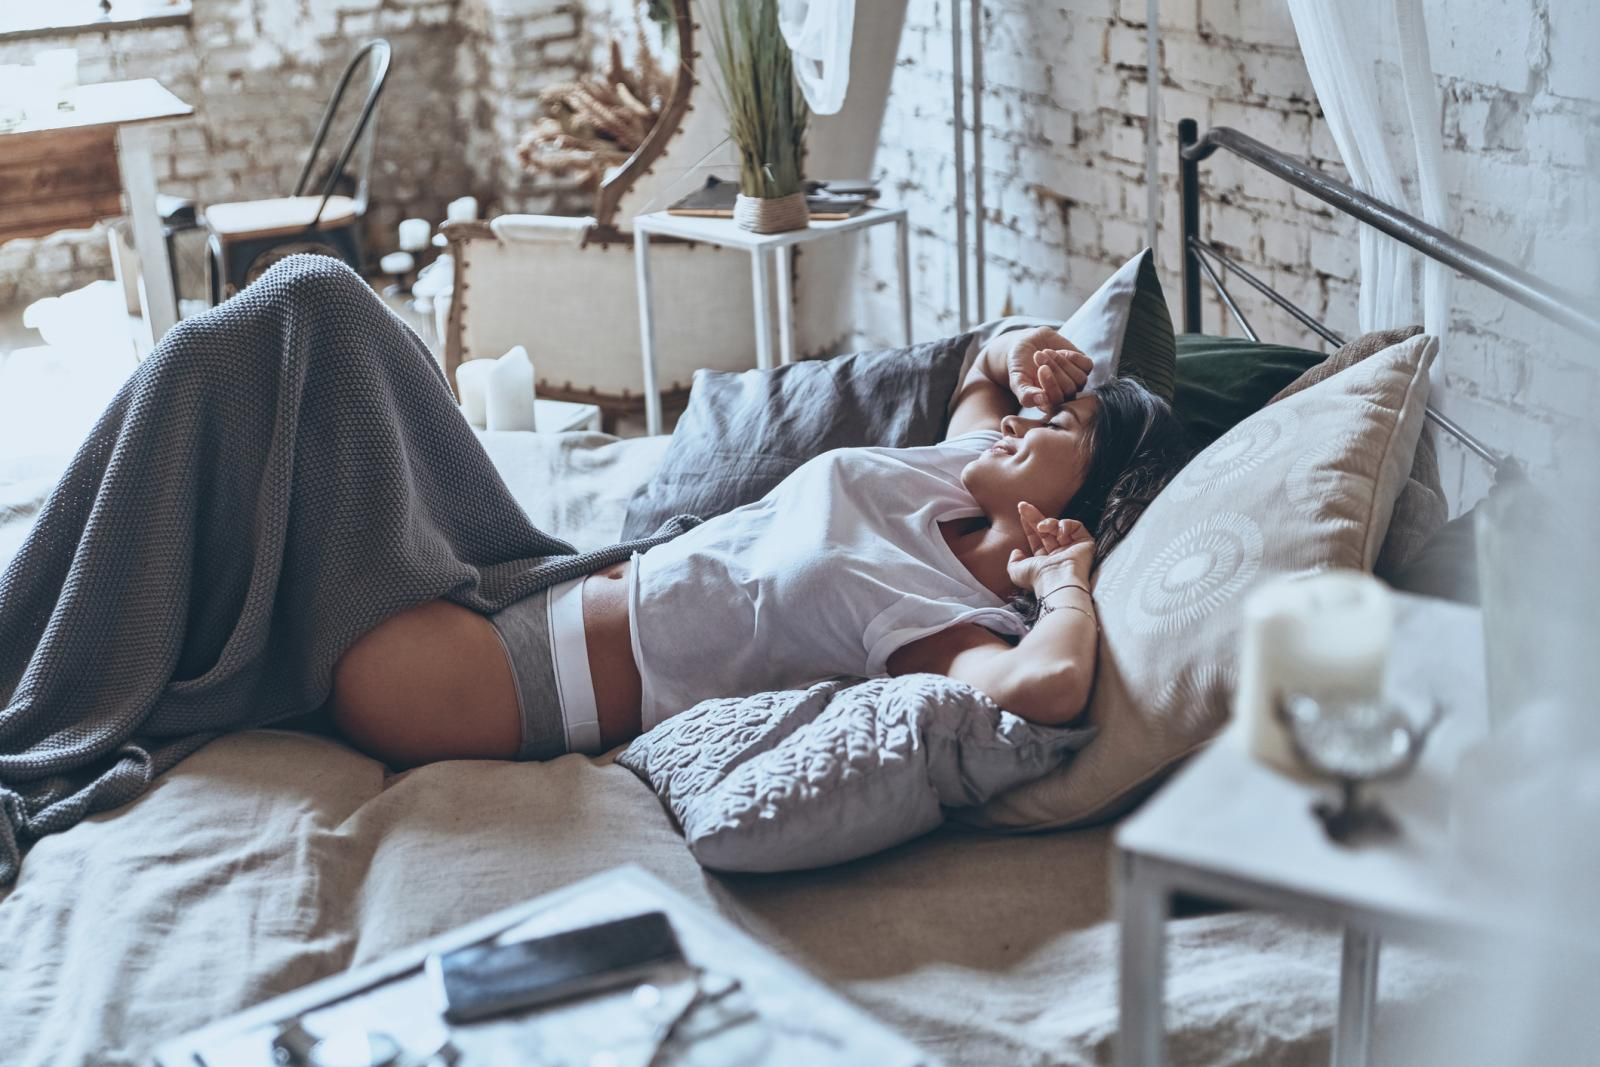 Znate li da i spavanje ima itekakve veze s tim?